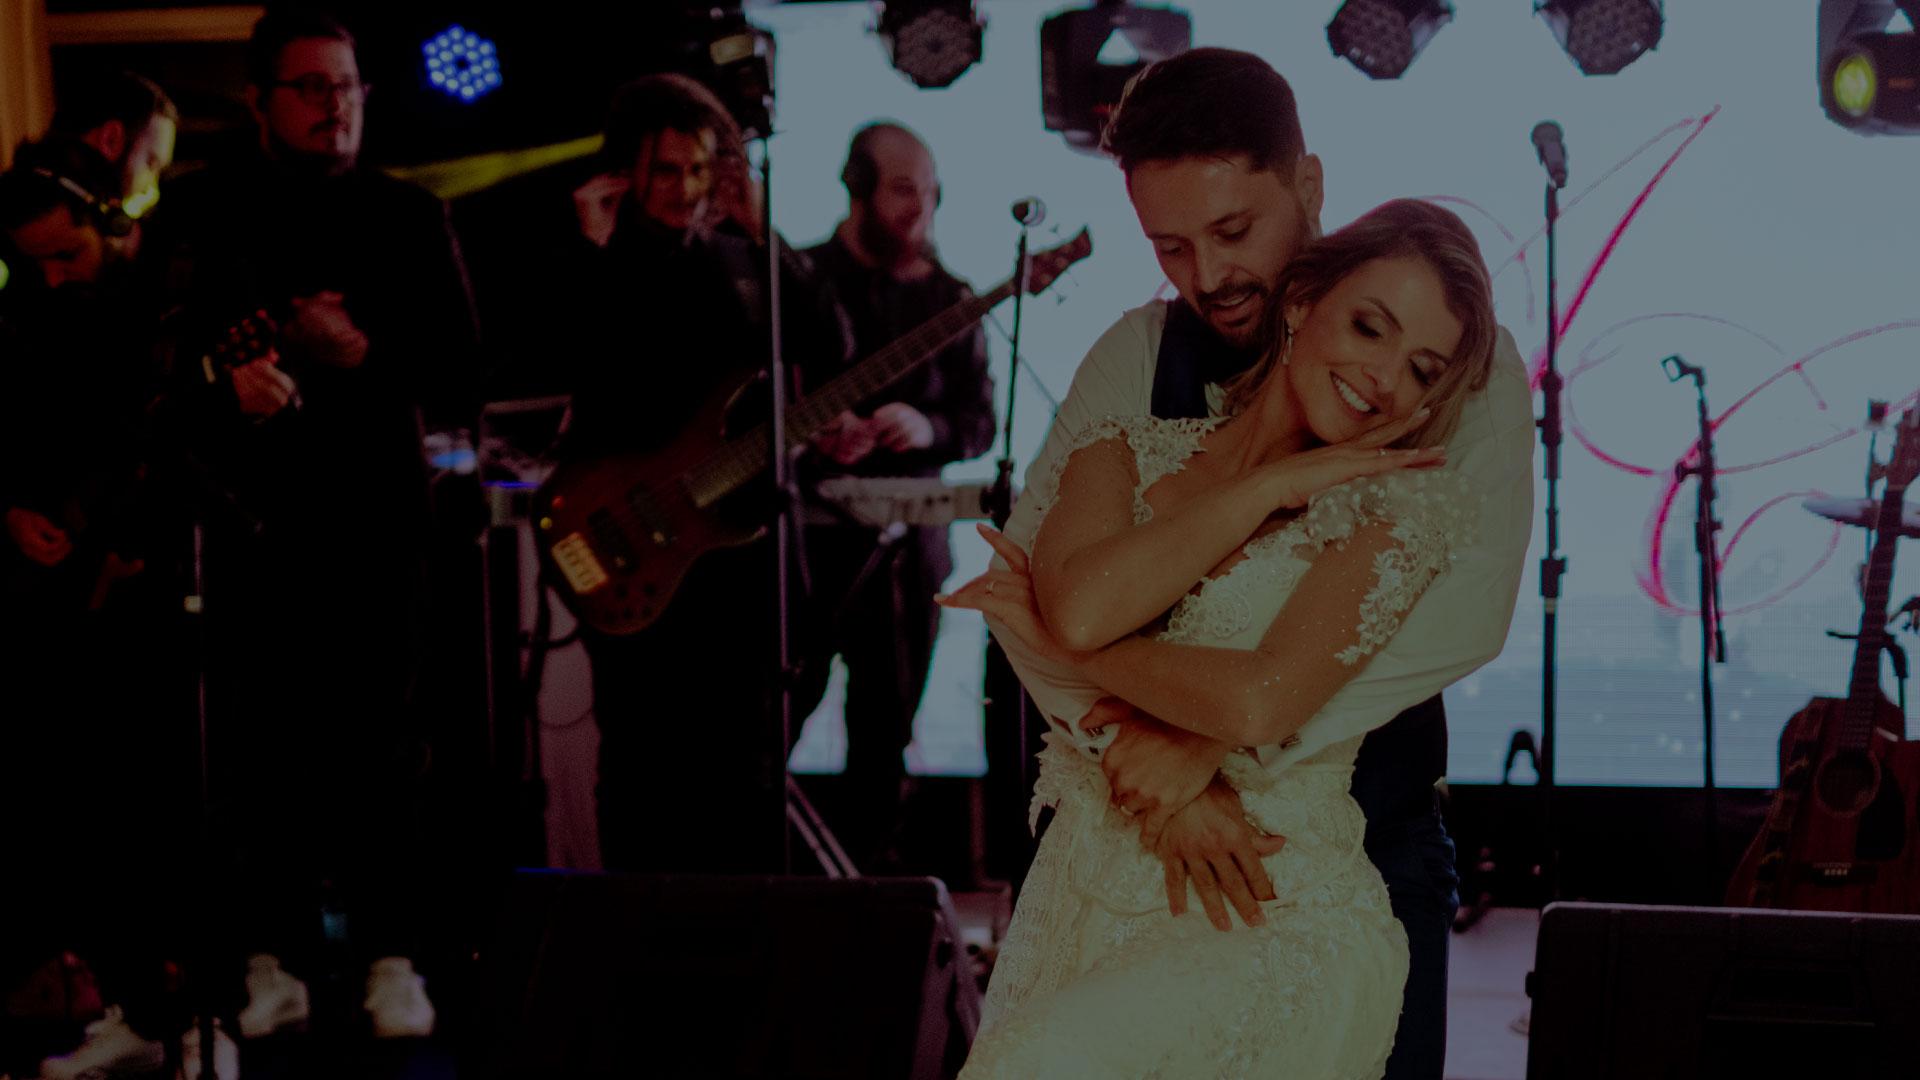 casamento-salao-de-dança-personnalite